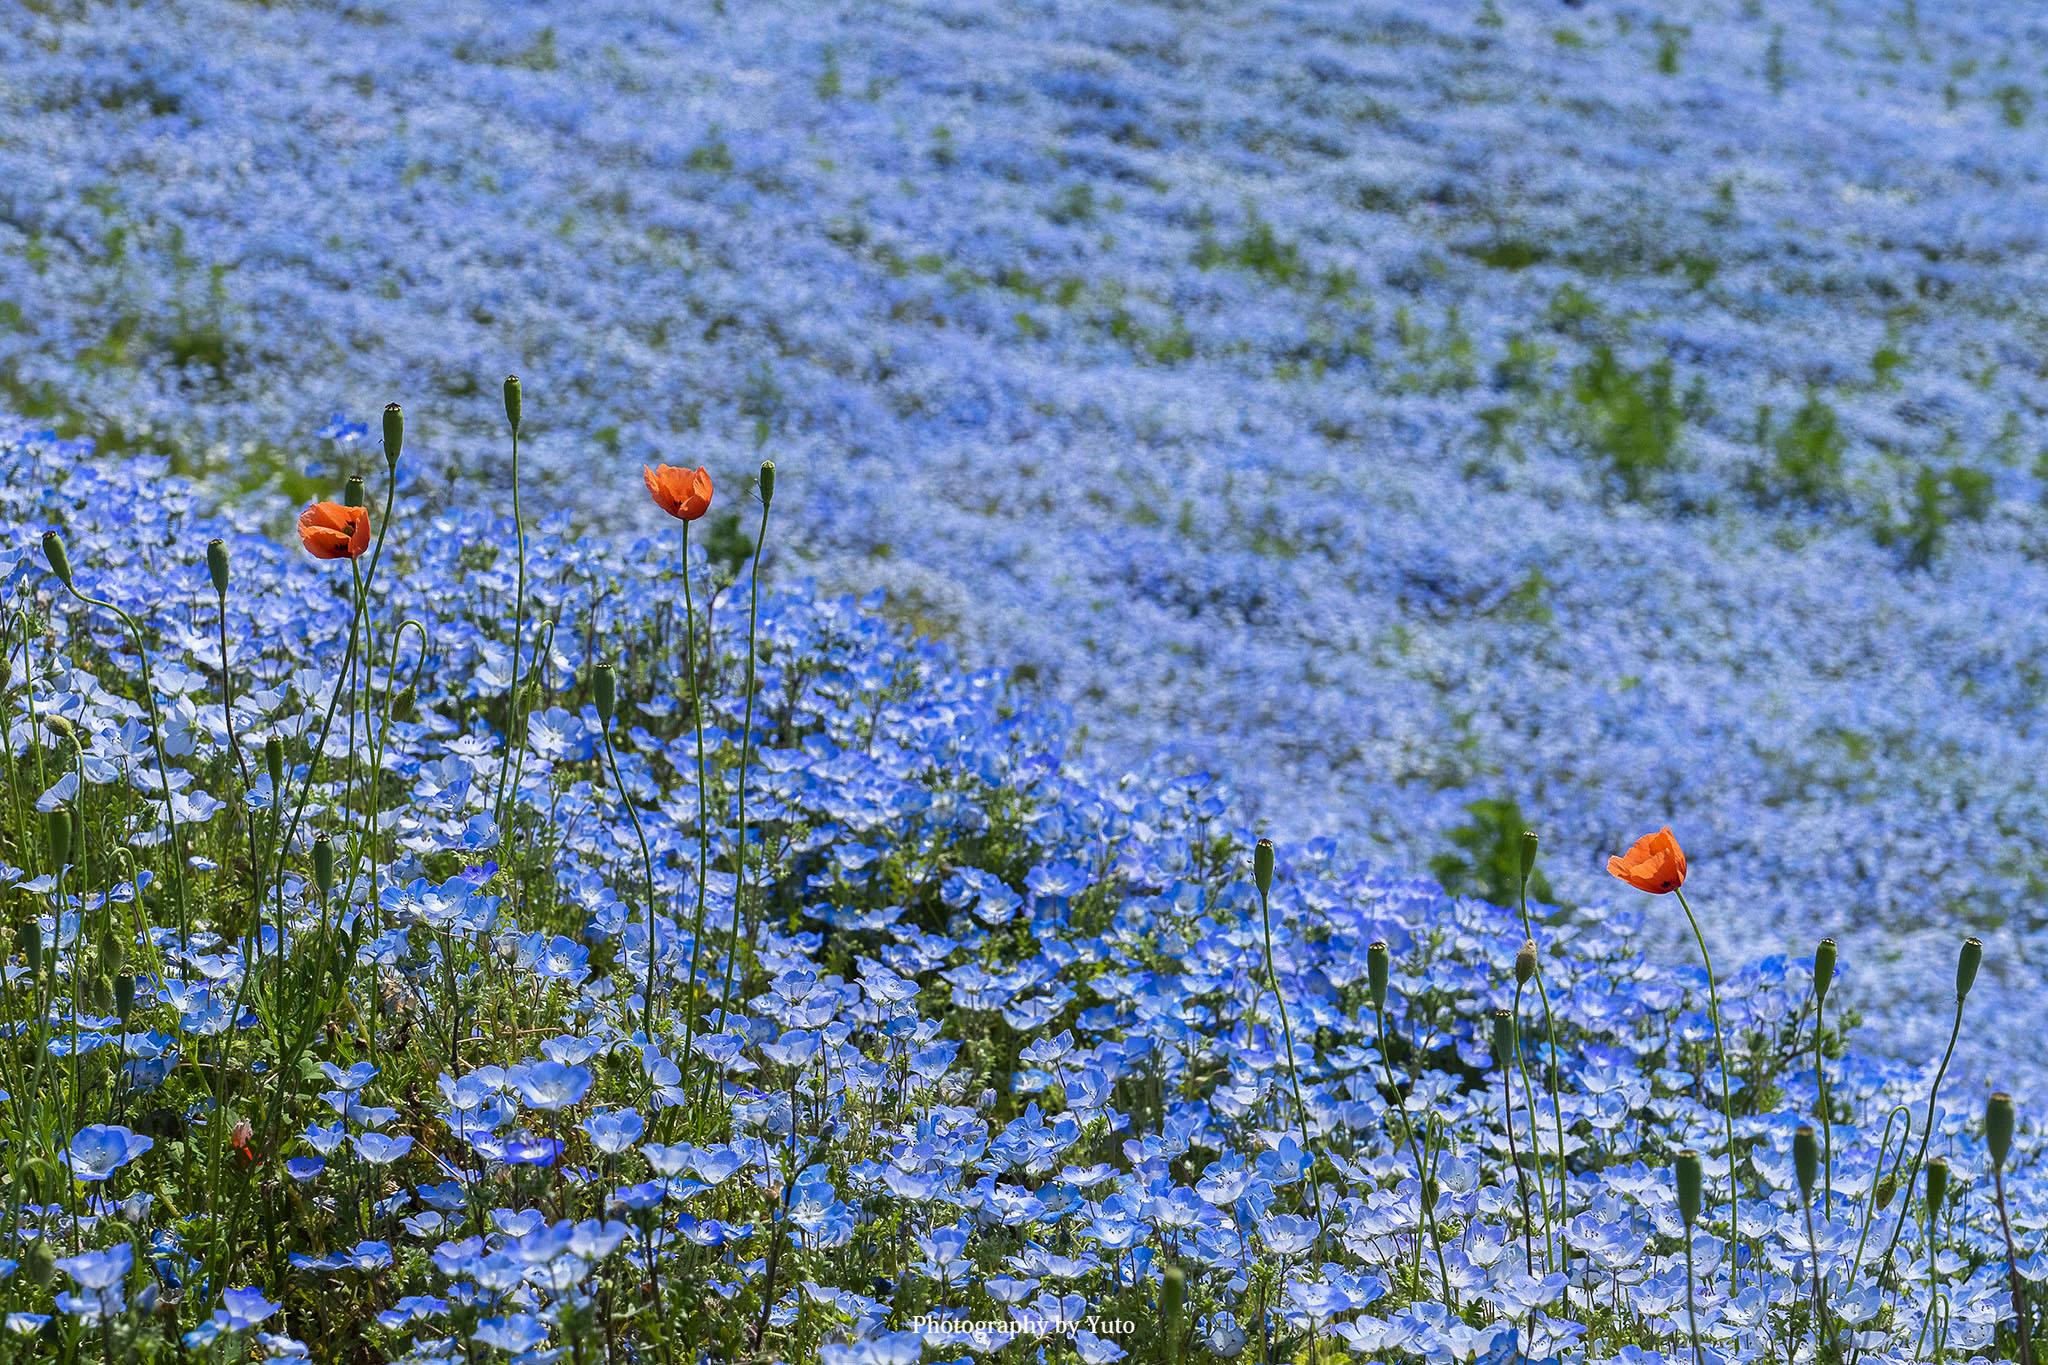 花の撮り方:ネモフィラ 撮影と現像方法